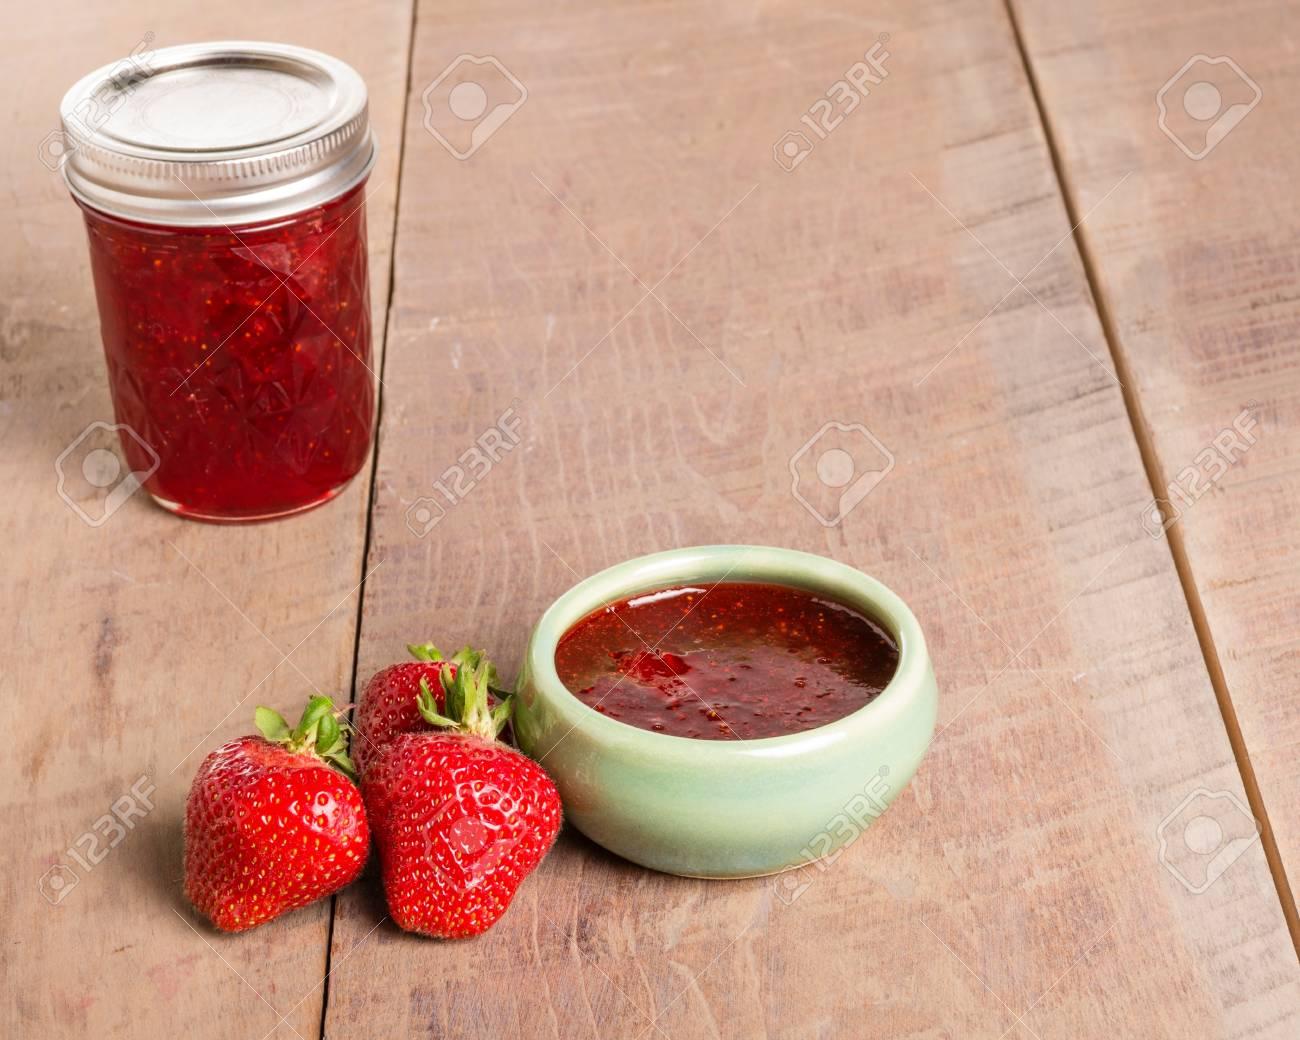 Frische Erdbeeren Und Selbstgemachte Marmelade Oder Gelee